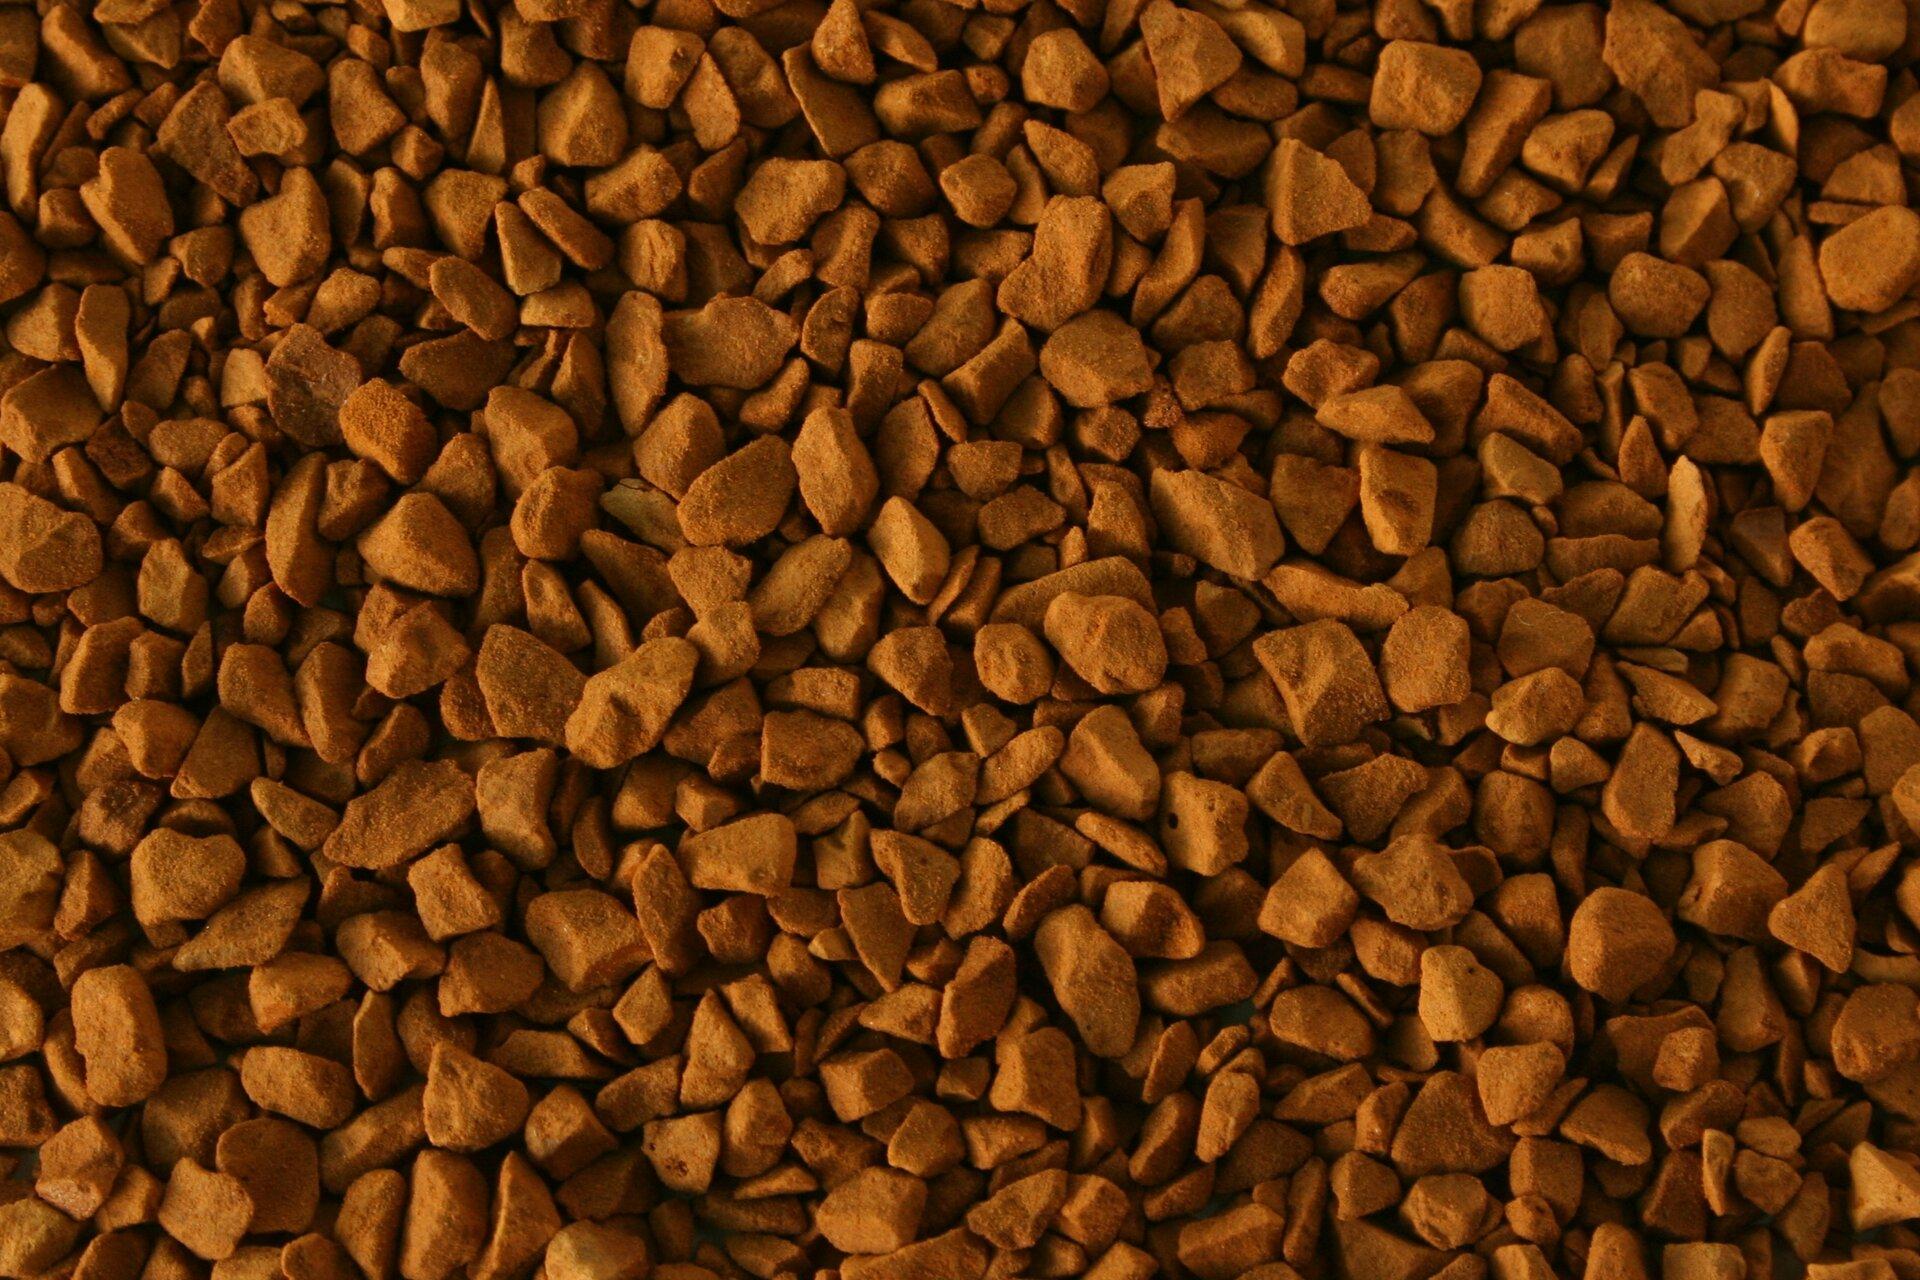 Zdjęcie przedstawia zbliska suchy produkt spożywczy powstały przy użyciu metody liofilizacji. Brązowo czerwone grudki przypominają kształtem drobne kamienie.